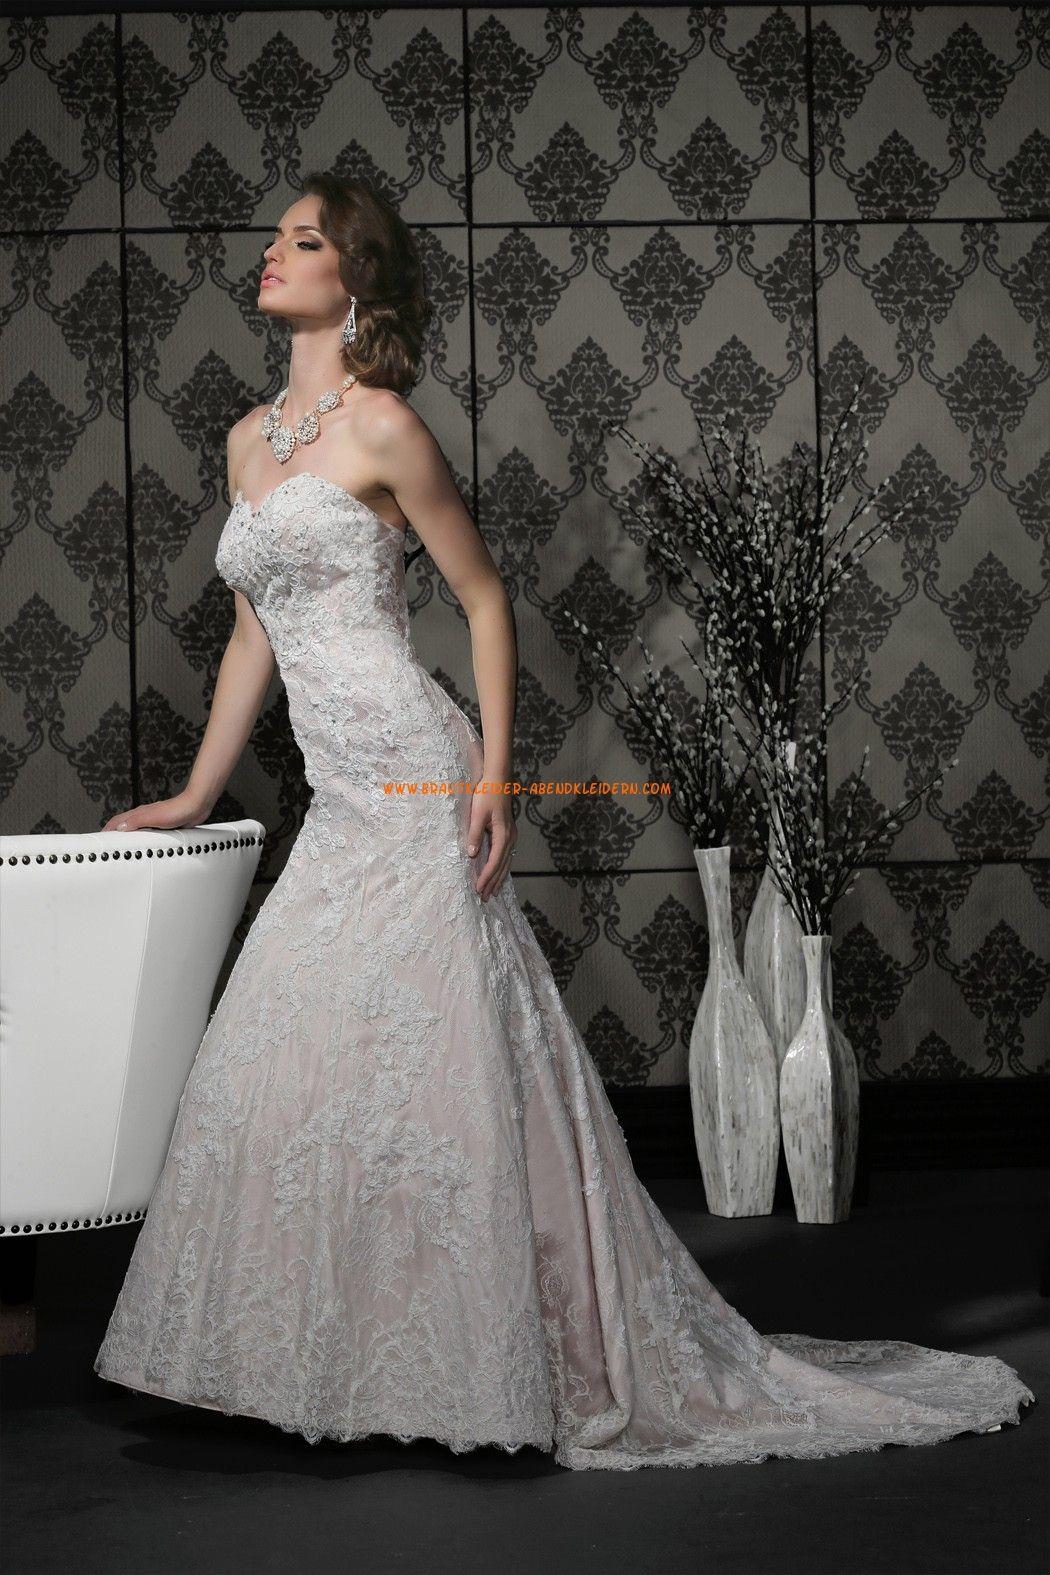 Meerjungfrau Exklusive Moderne Brautkleider aus Spitze mit Schleppe ...